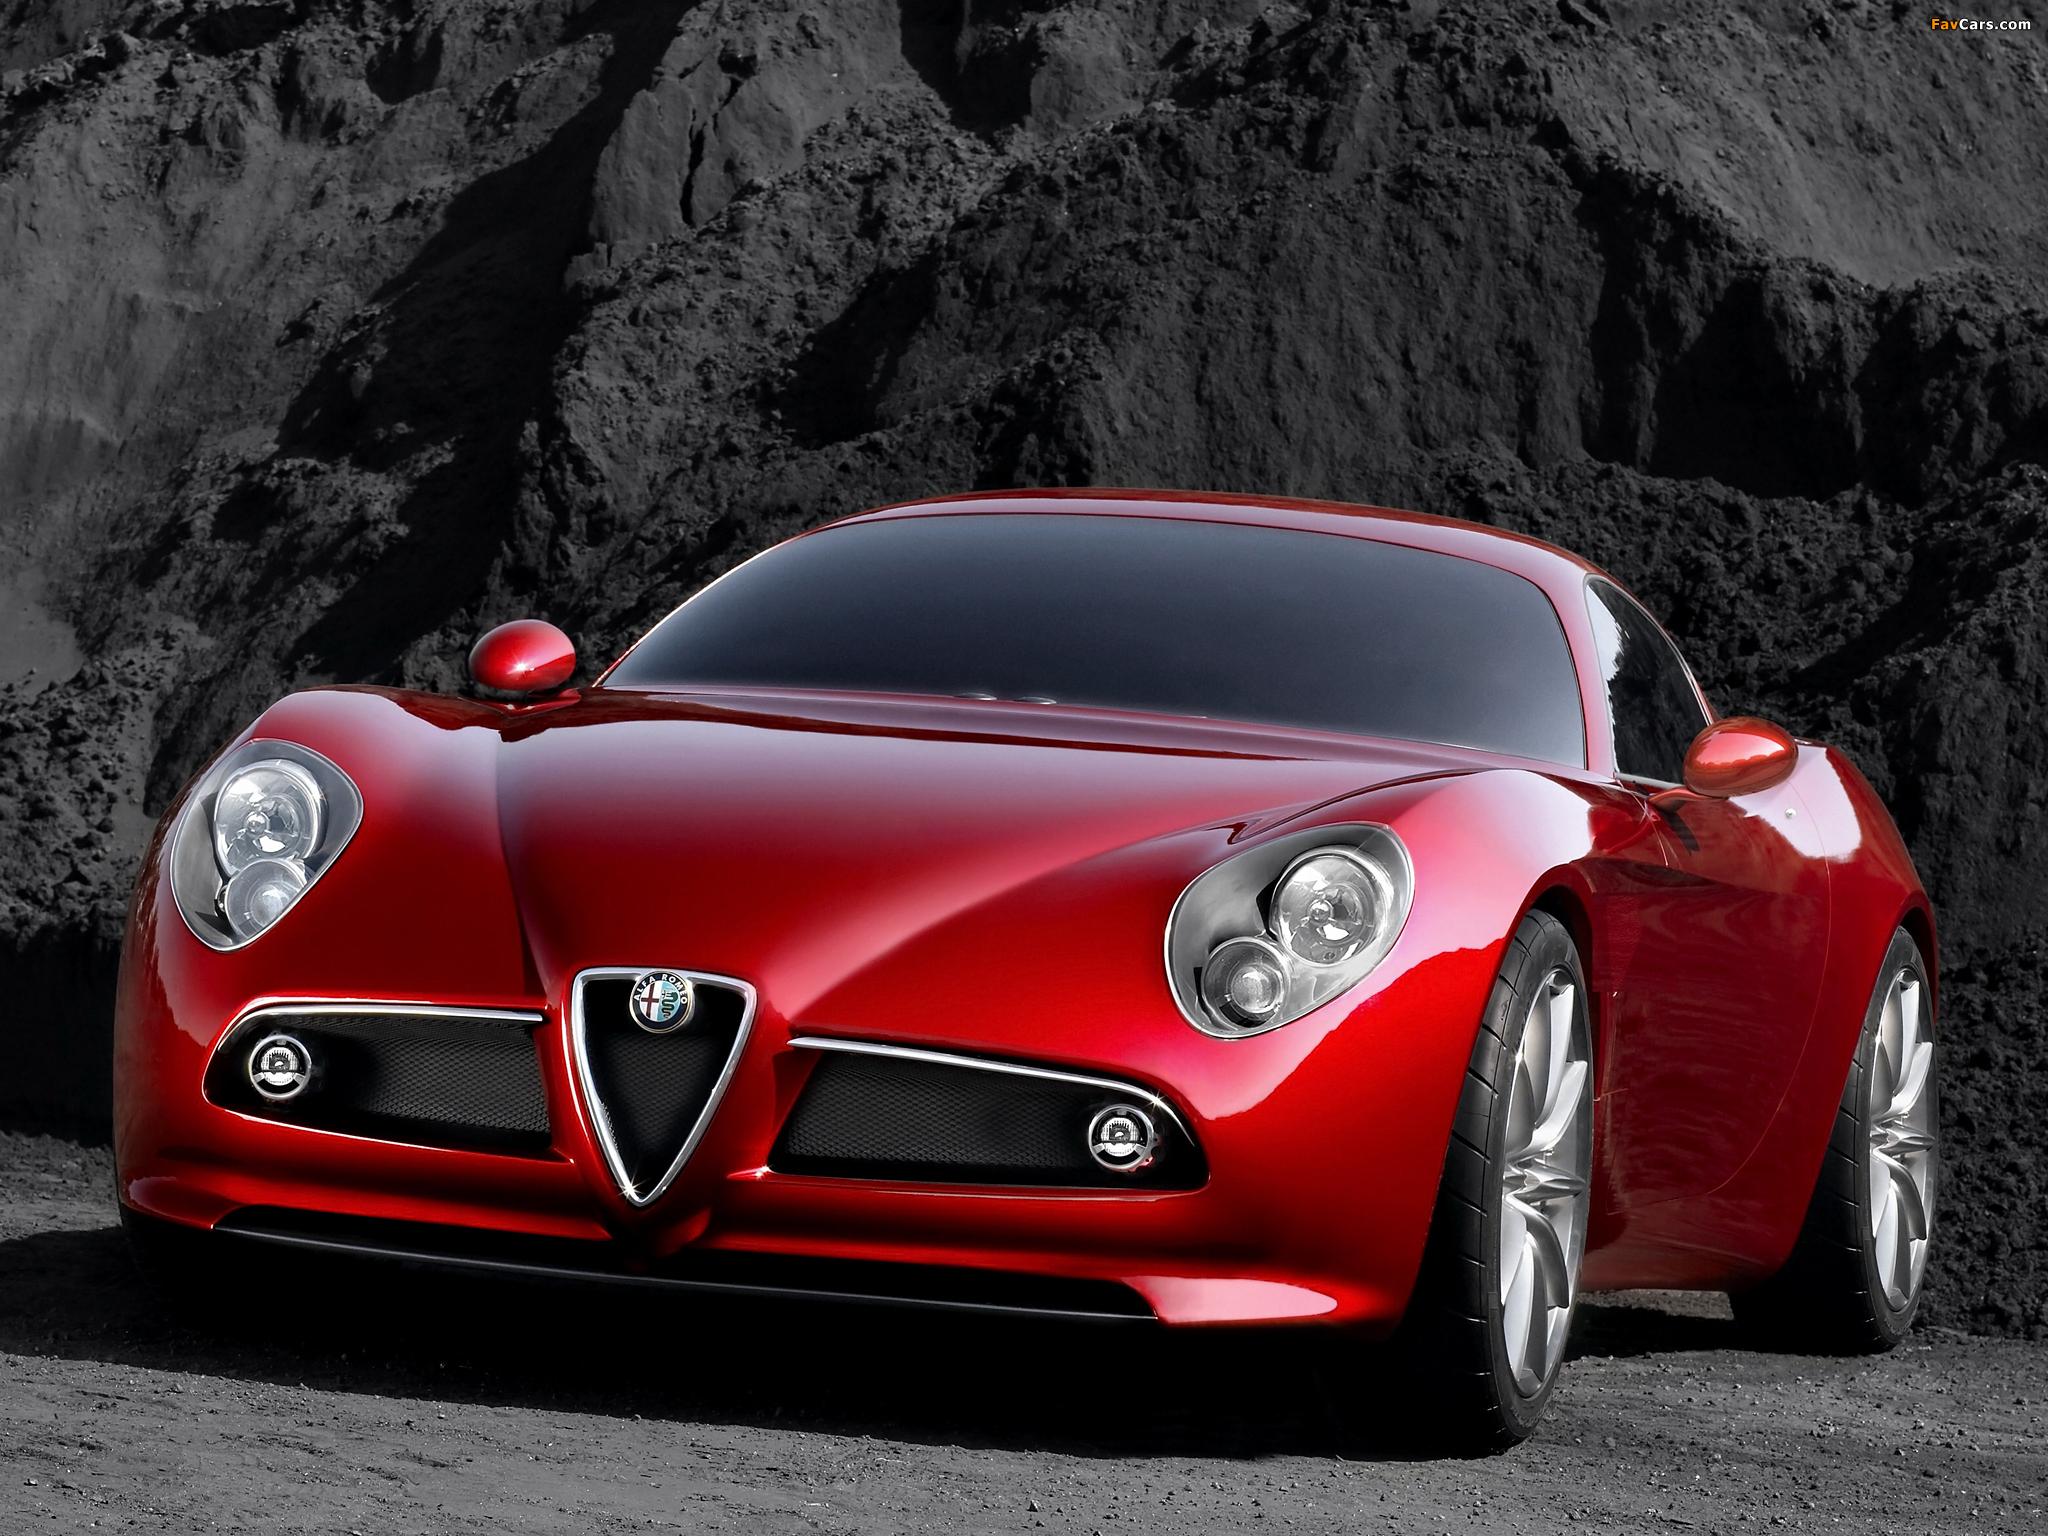 Alfa Romeo Бордовая  № 2426413  скачать